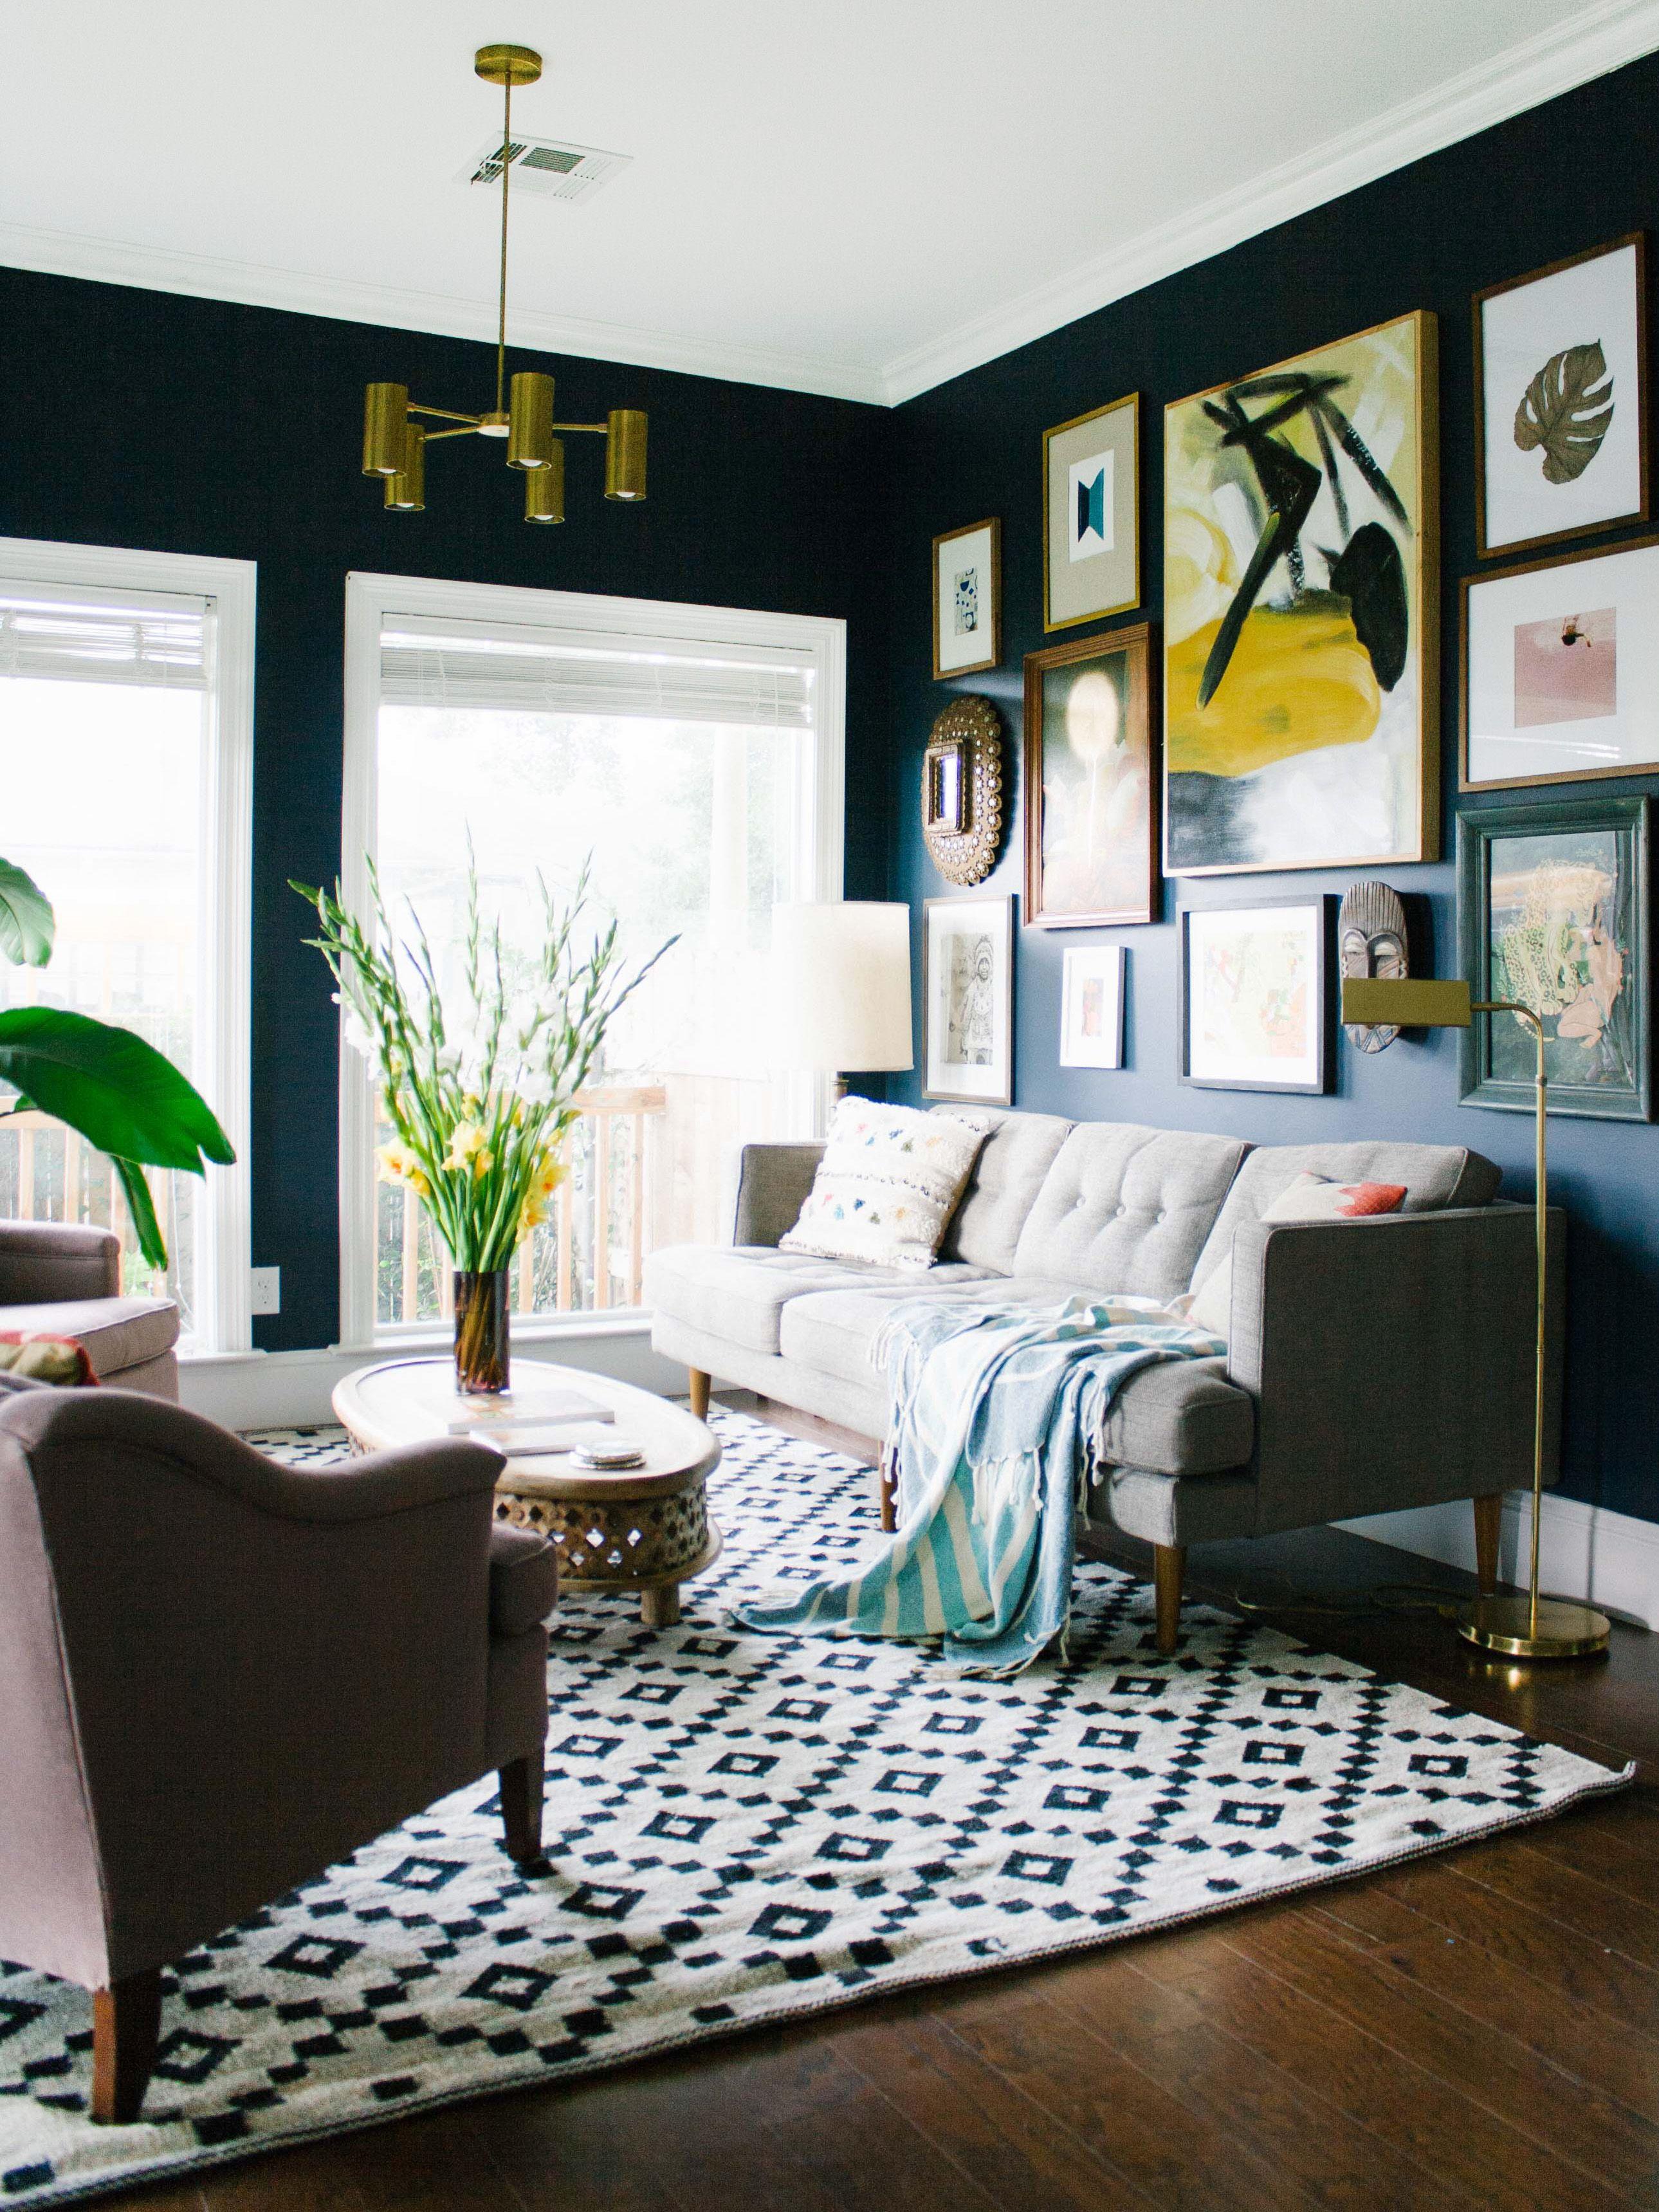 Latest bedroom interior design trends getthemidcenturymodernlookforless  dark walls art walls